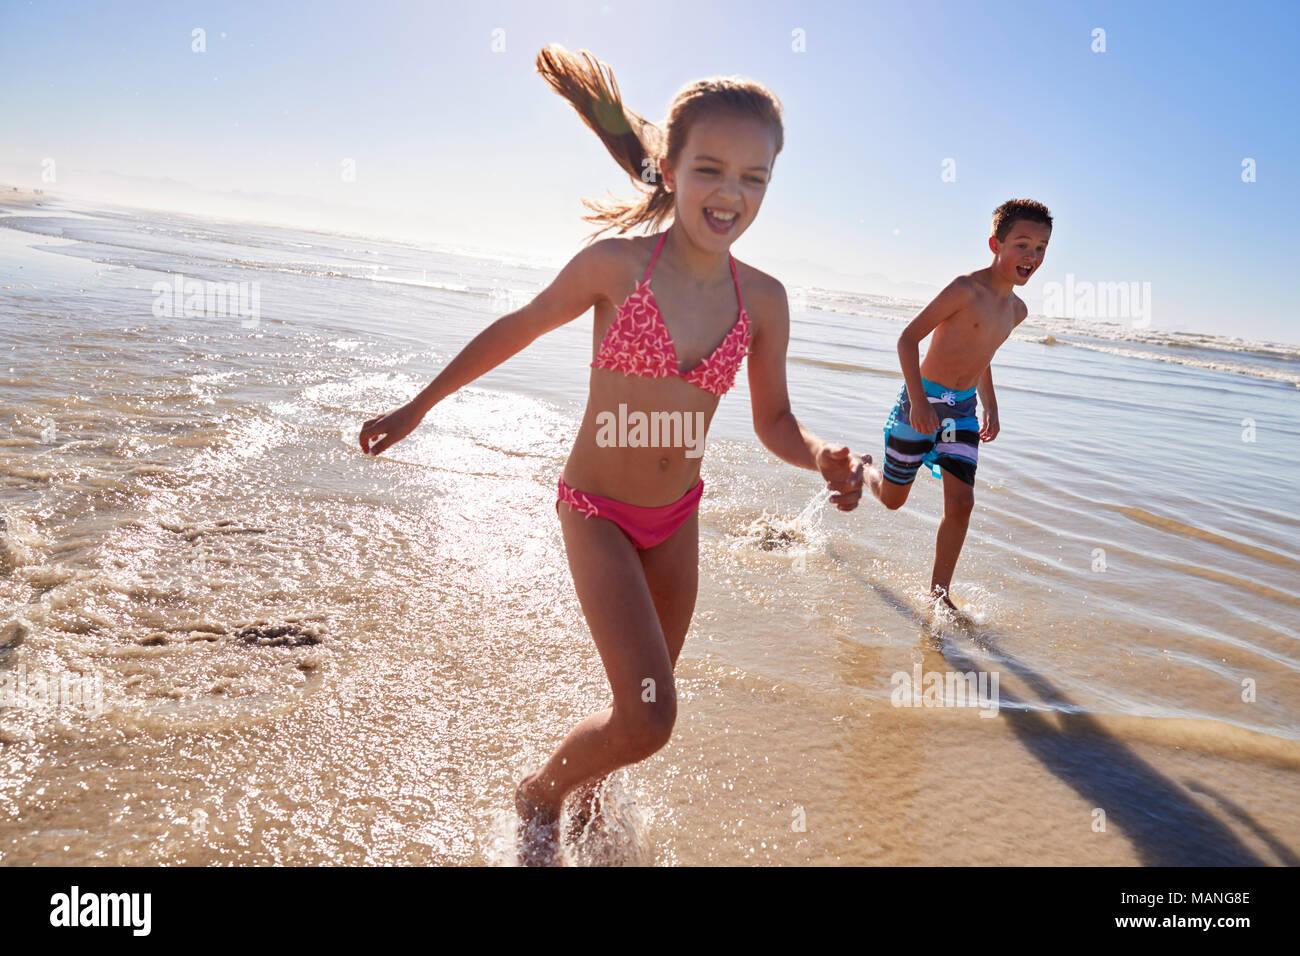 Chico y chica en vacaciones de verano funcionan a través de ondas Imagen De Stock